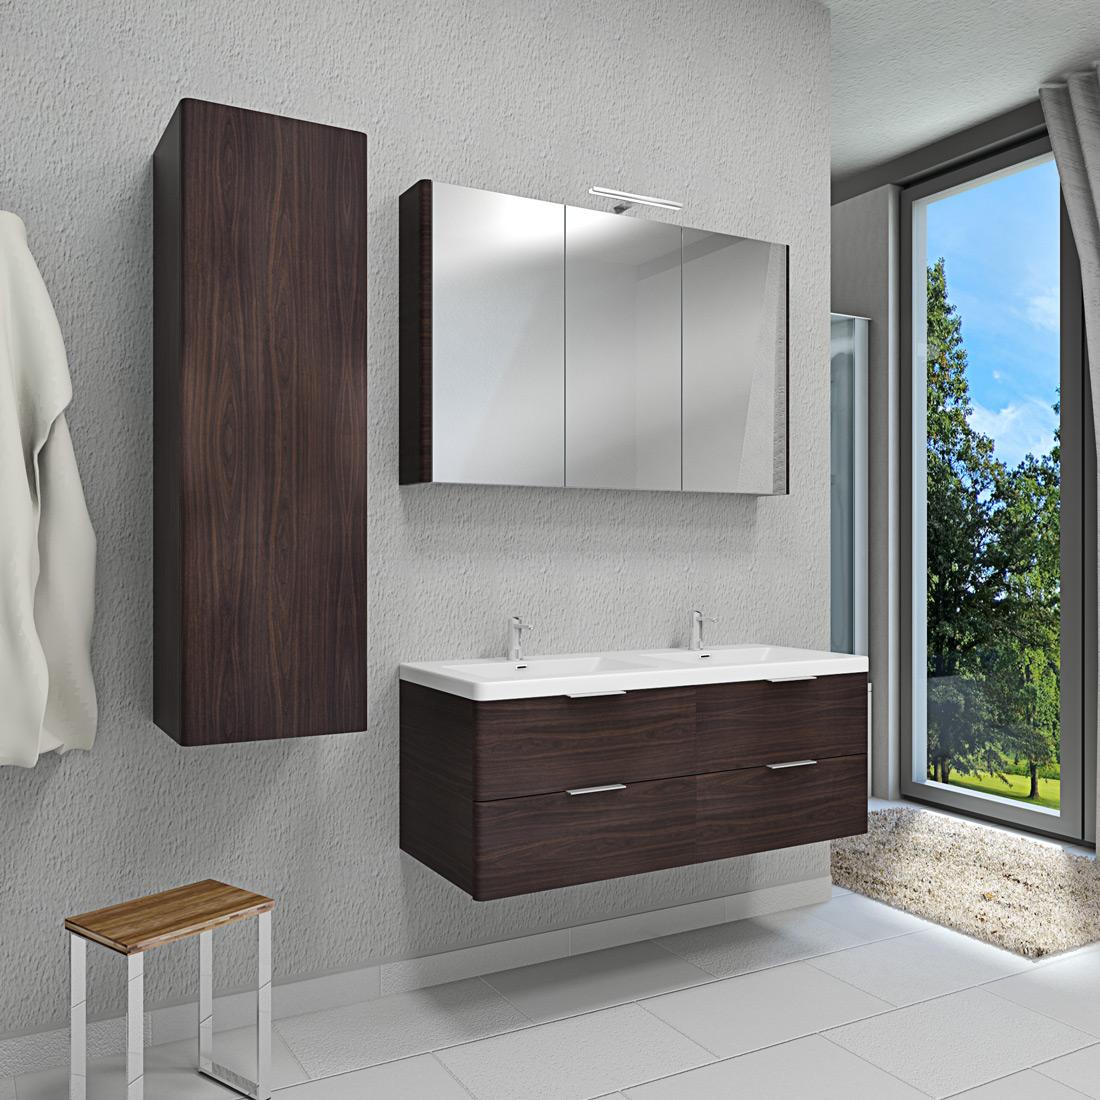 waschtisch mit waschbecken unterschrank curve 214 120cm mdf wallnuss. Black Bedroom Furniture Sets. Home Design Ideas